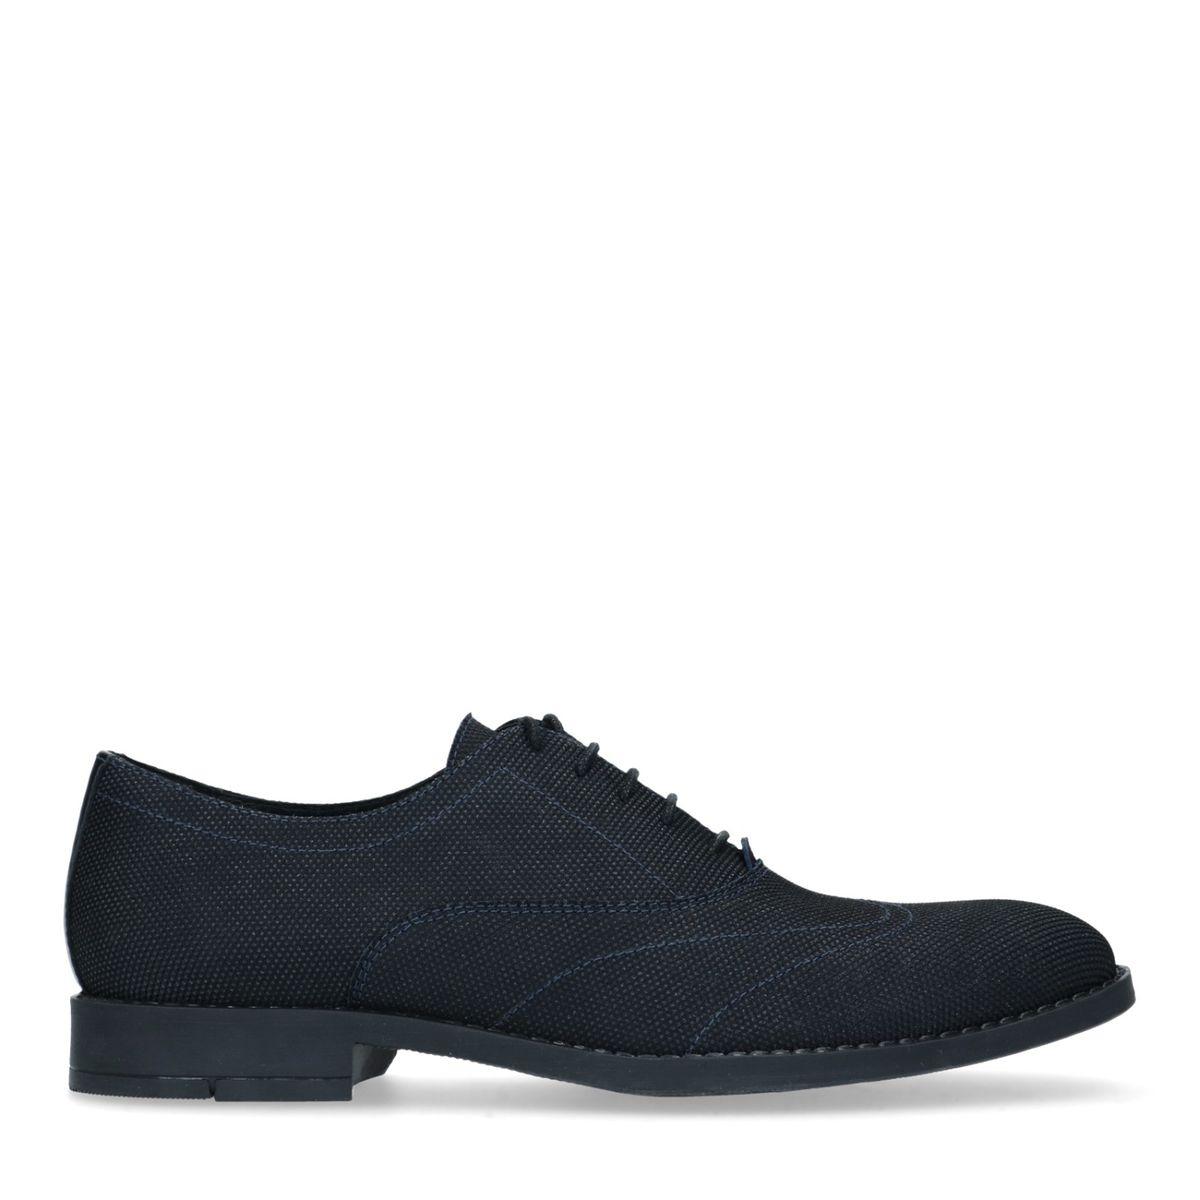 Chaussures à lacets textile avec détails